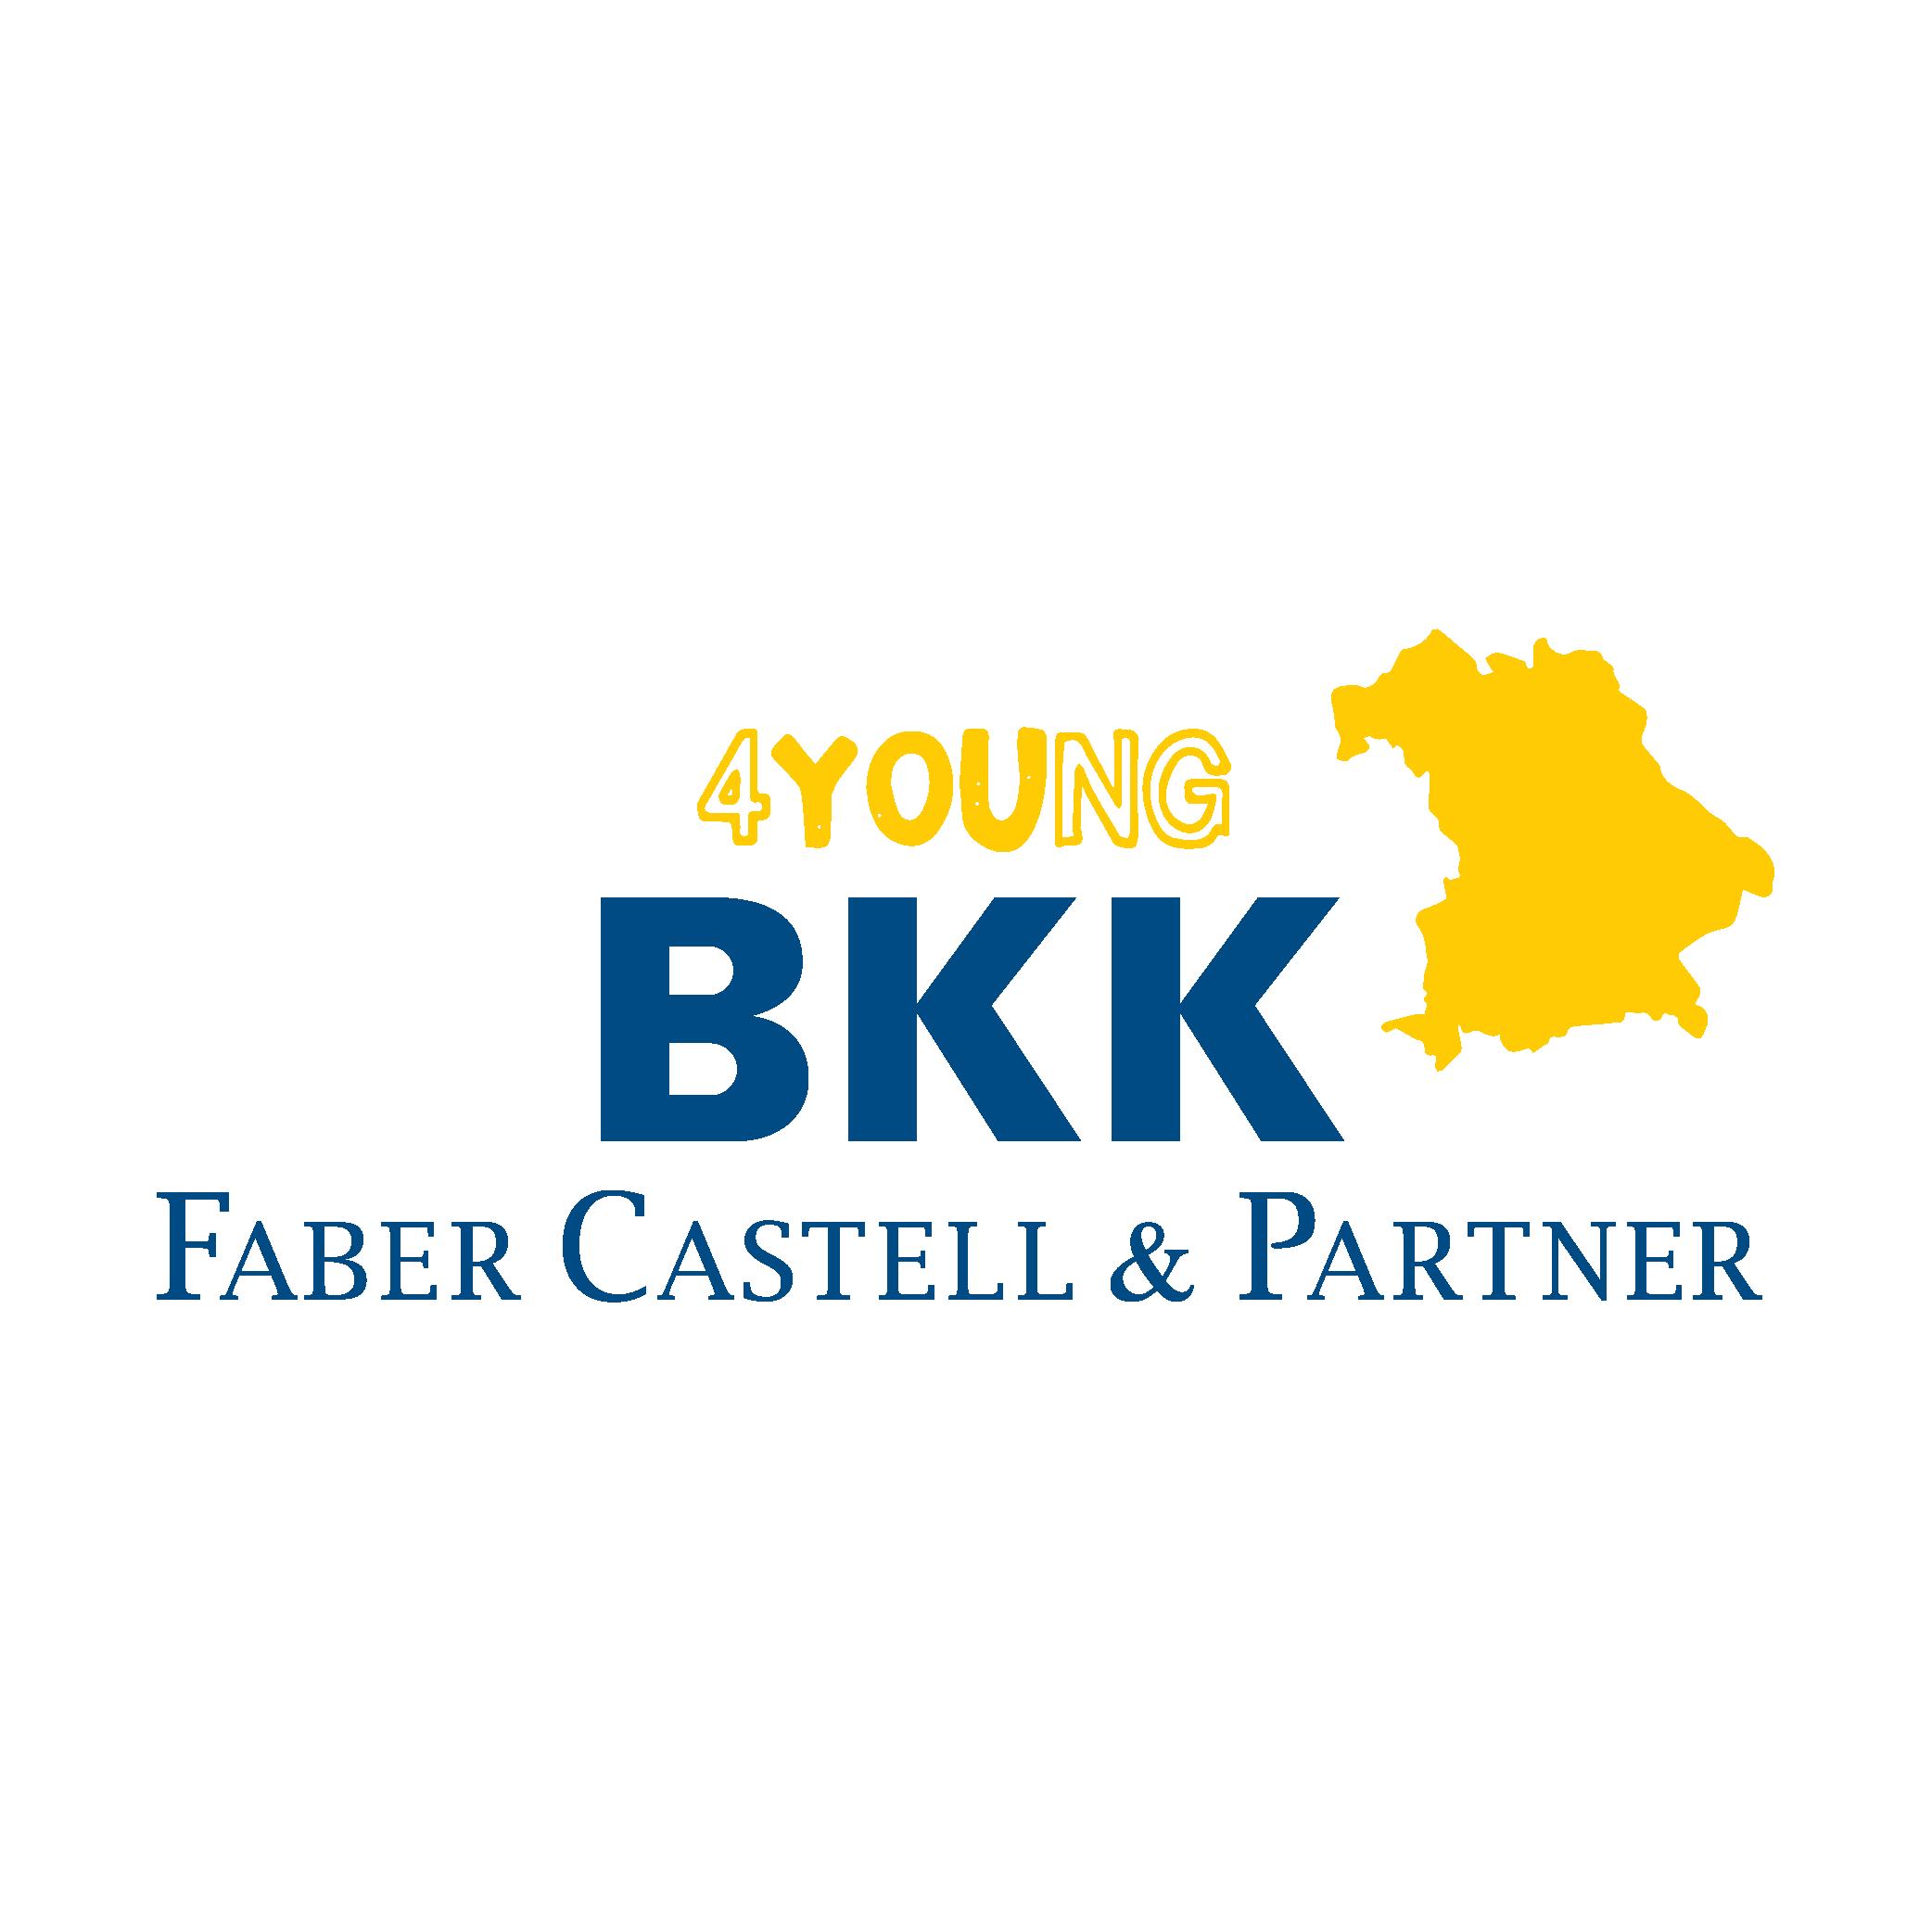 Markenzeichen der BKK Faber-Castell & Partner